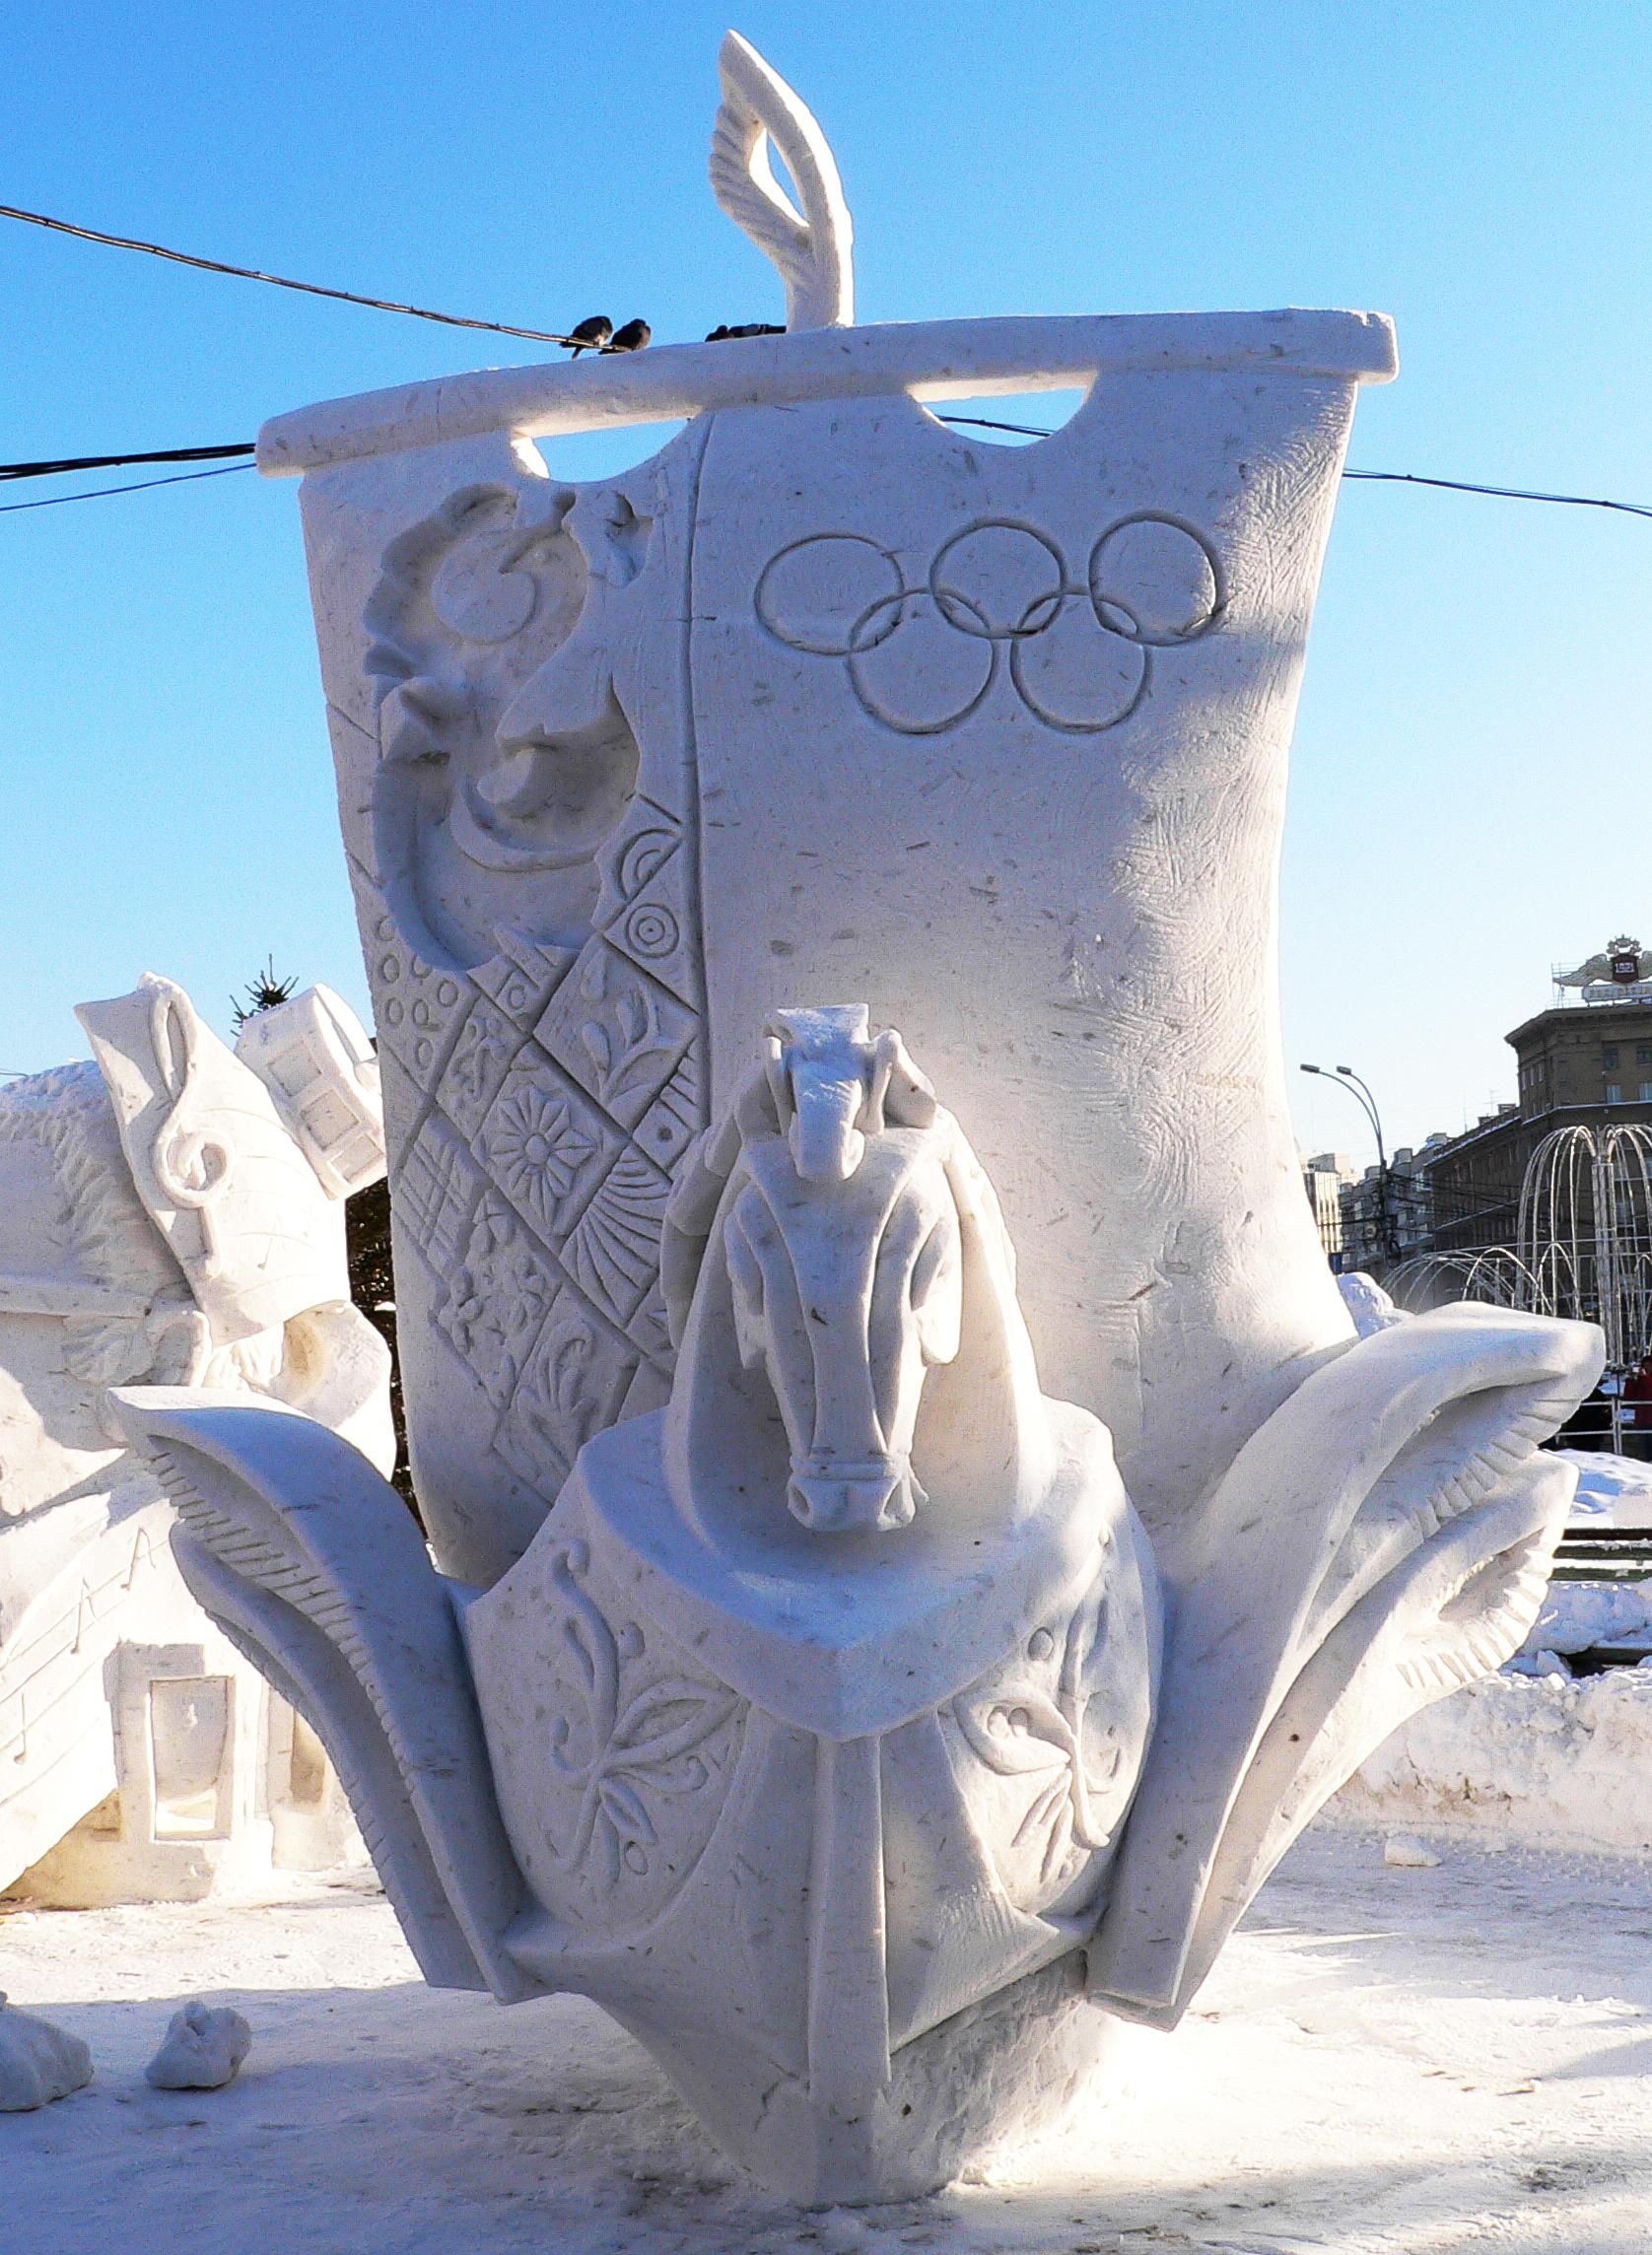 Фотография-снежных-скульптур-Новосибирск-2014-Добрый-путь